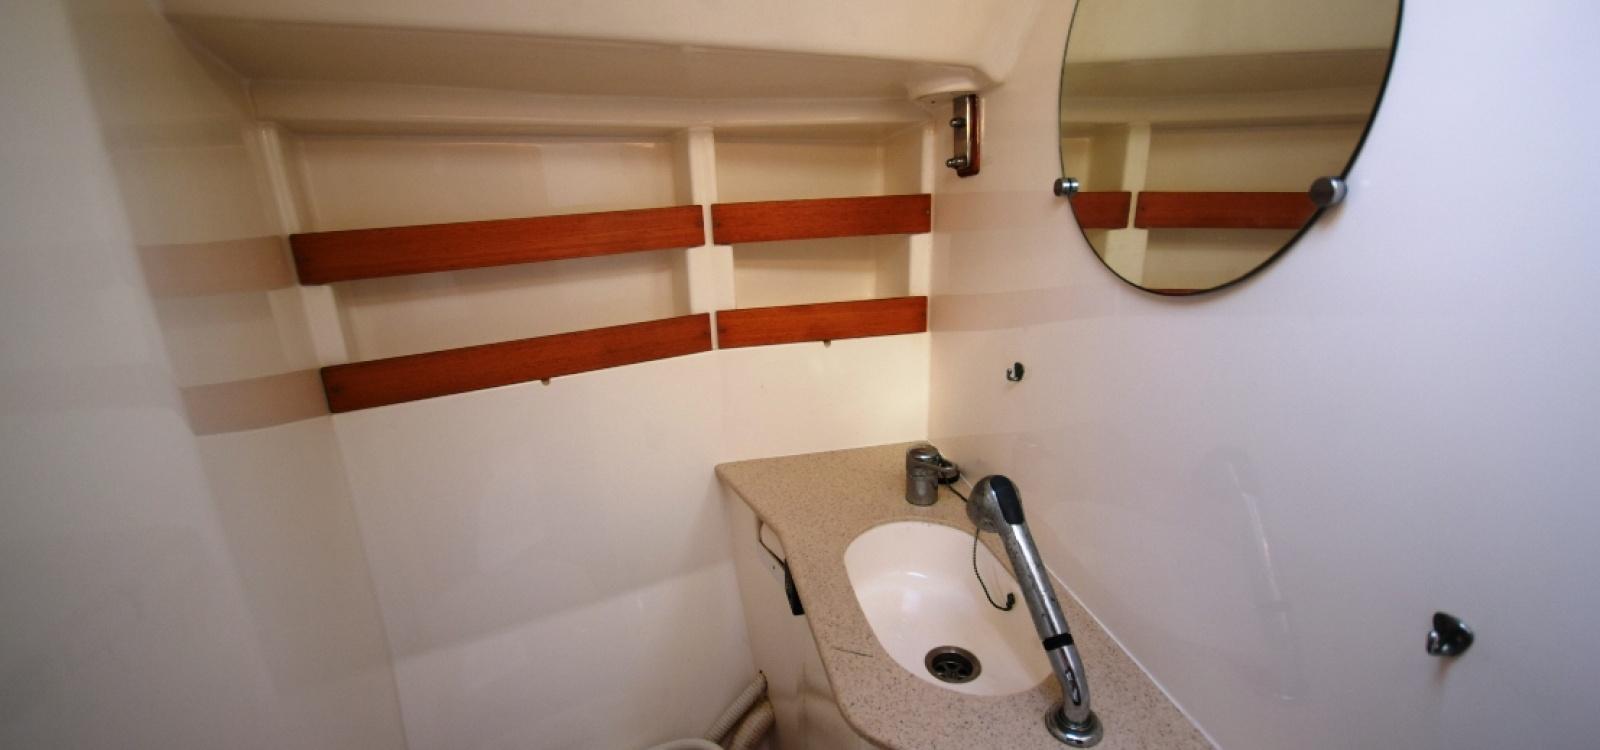 El Masnou,Barcelona,España,3 Habitaciones Habitaciones,2 LavabosLavabos,Velero,2154